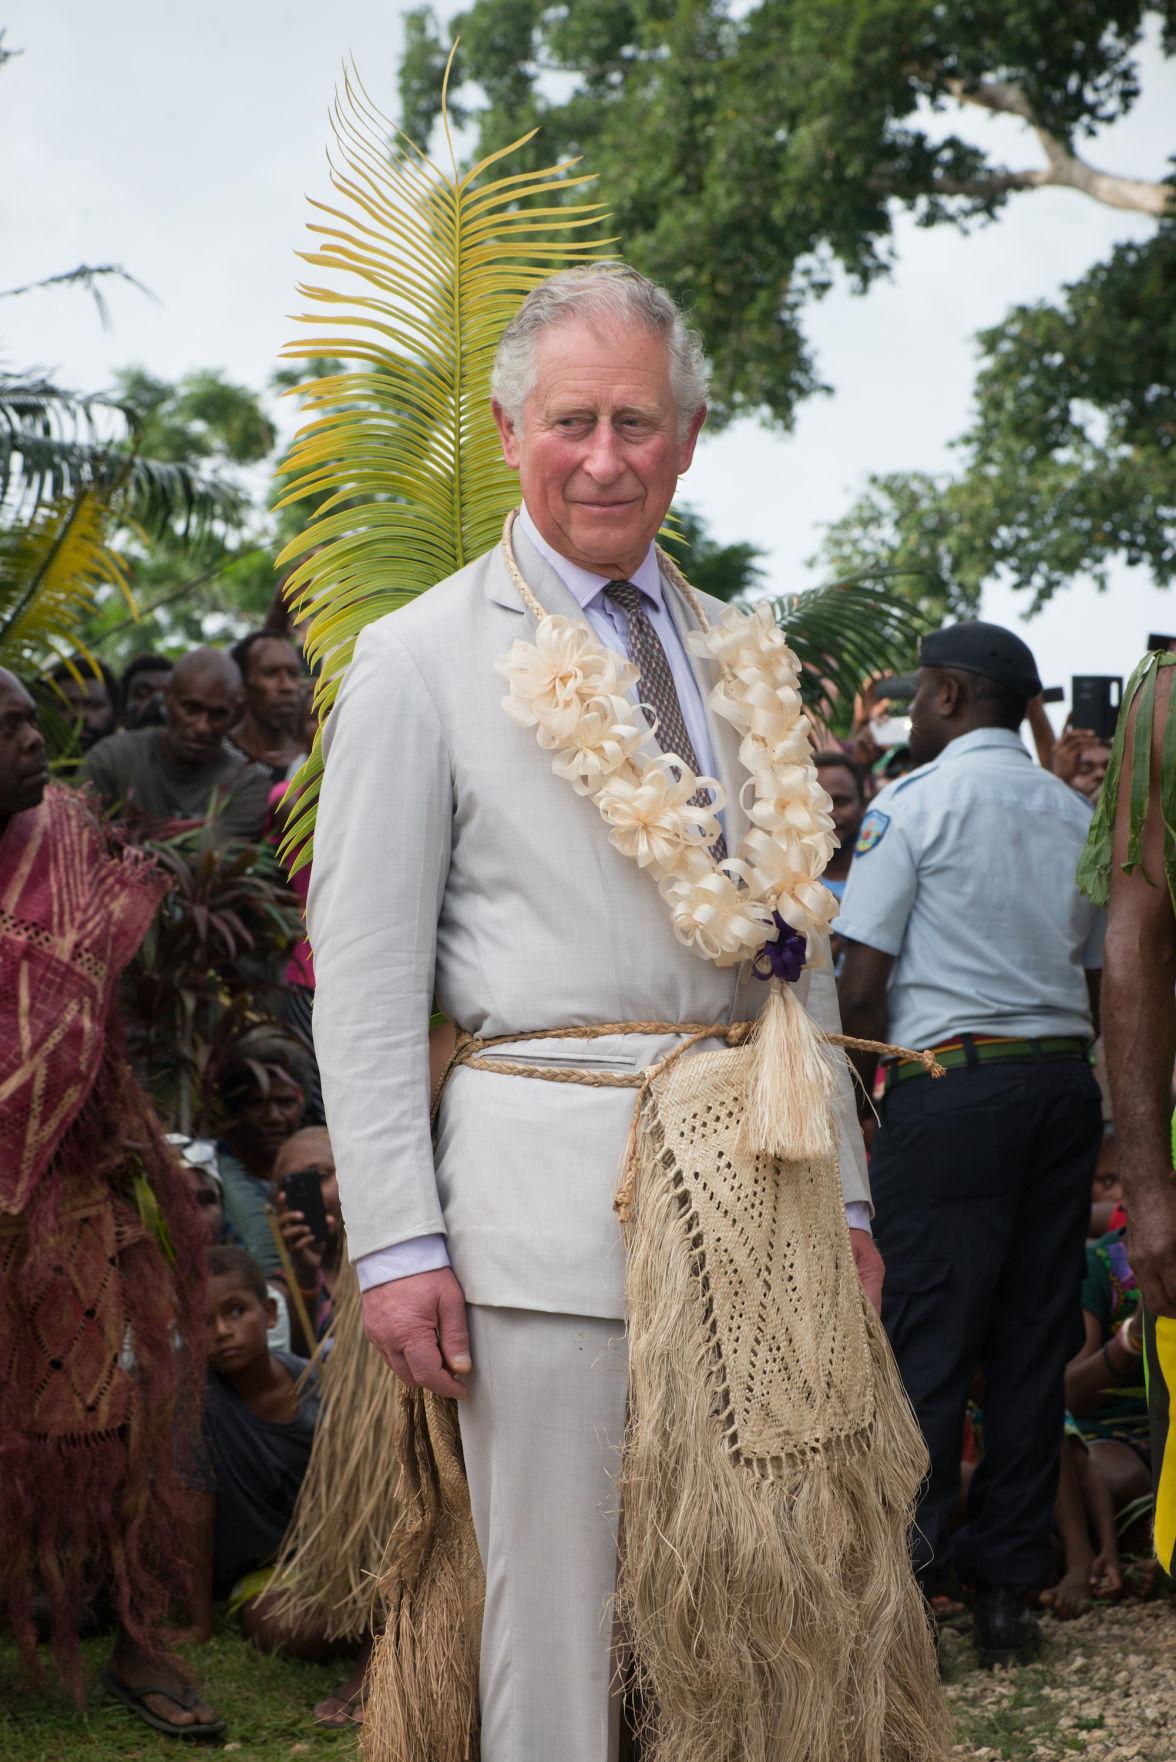 Prince Charles visits Vanuatu